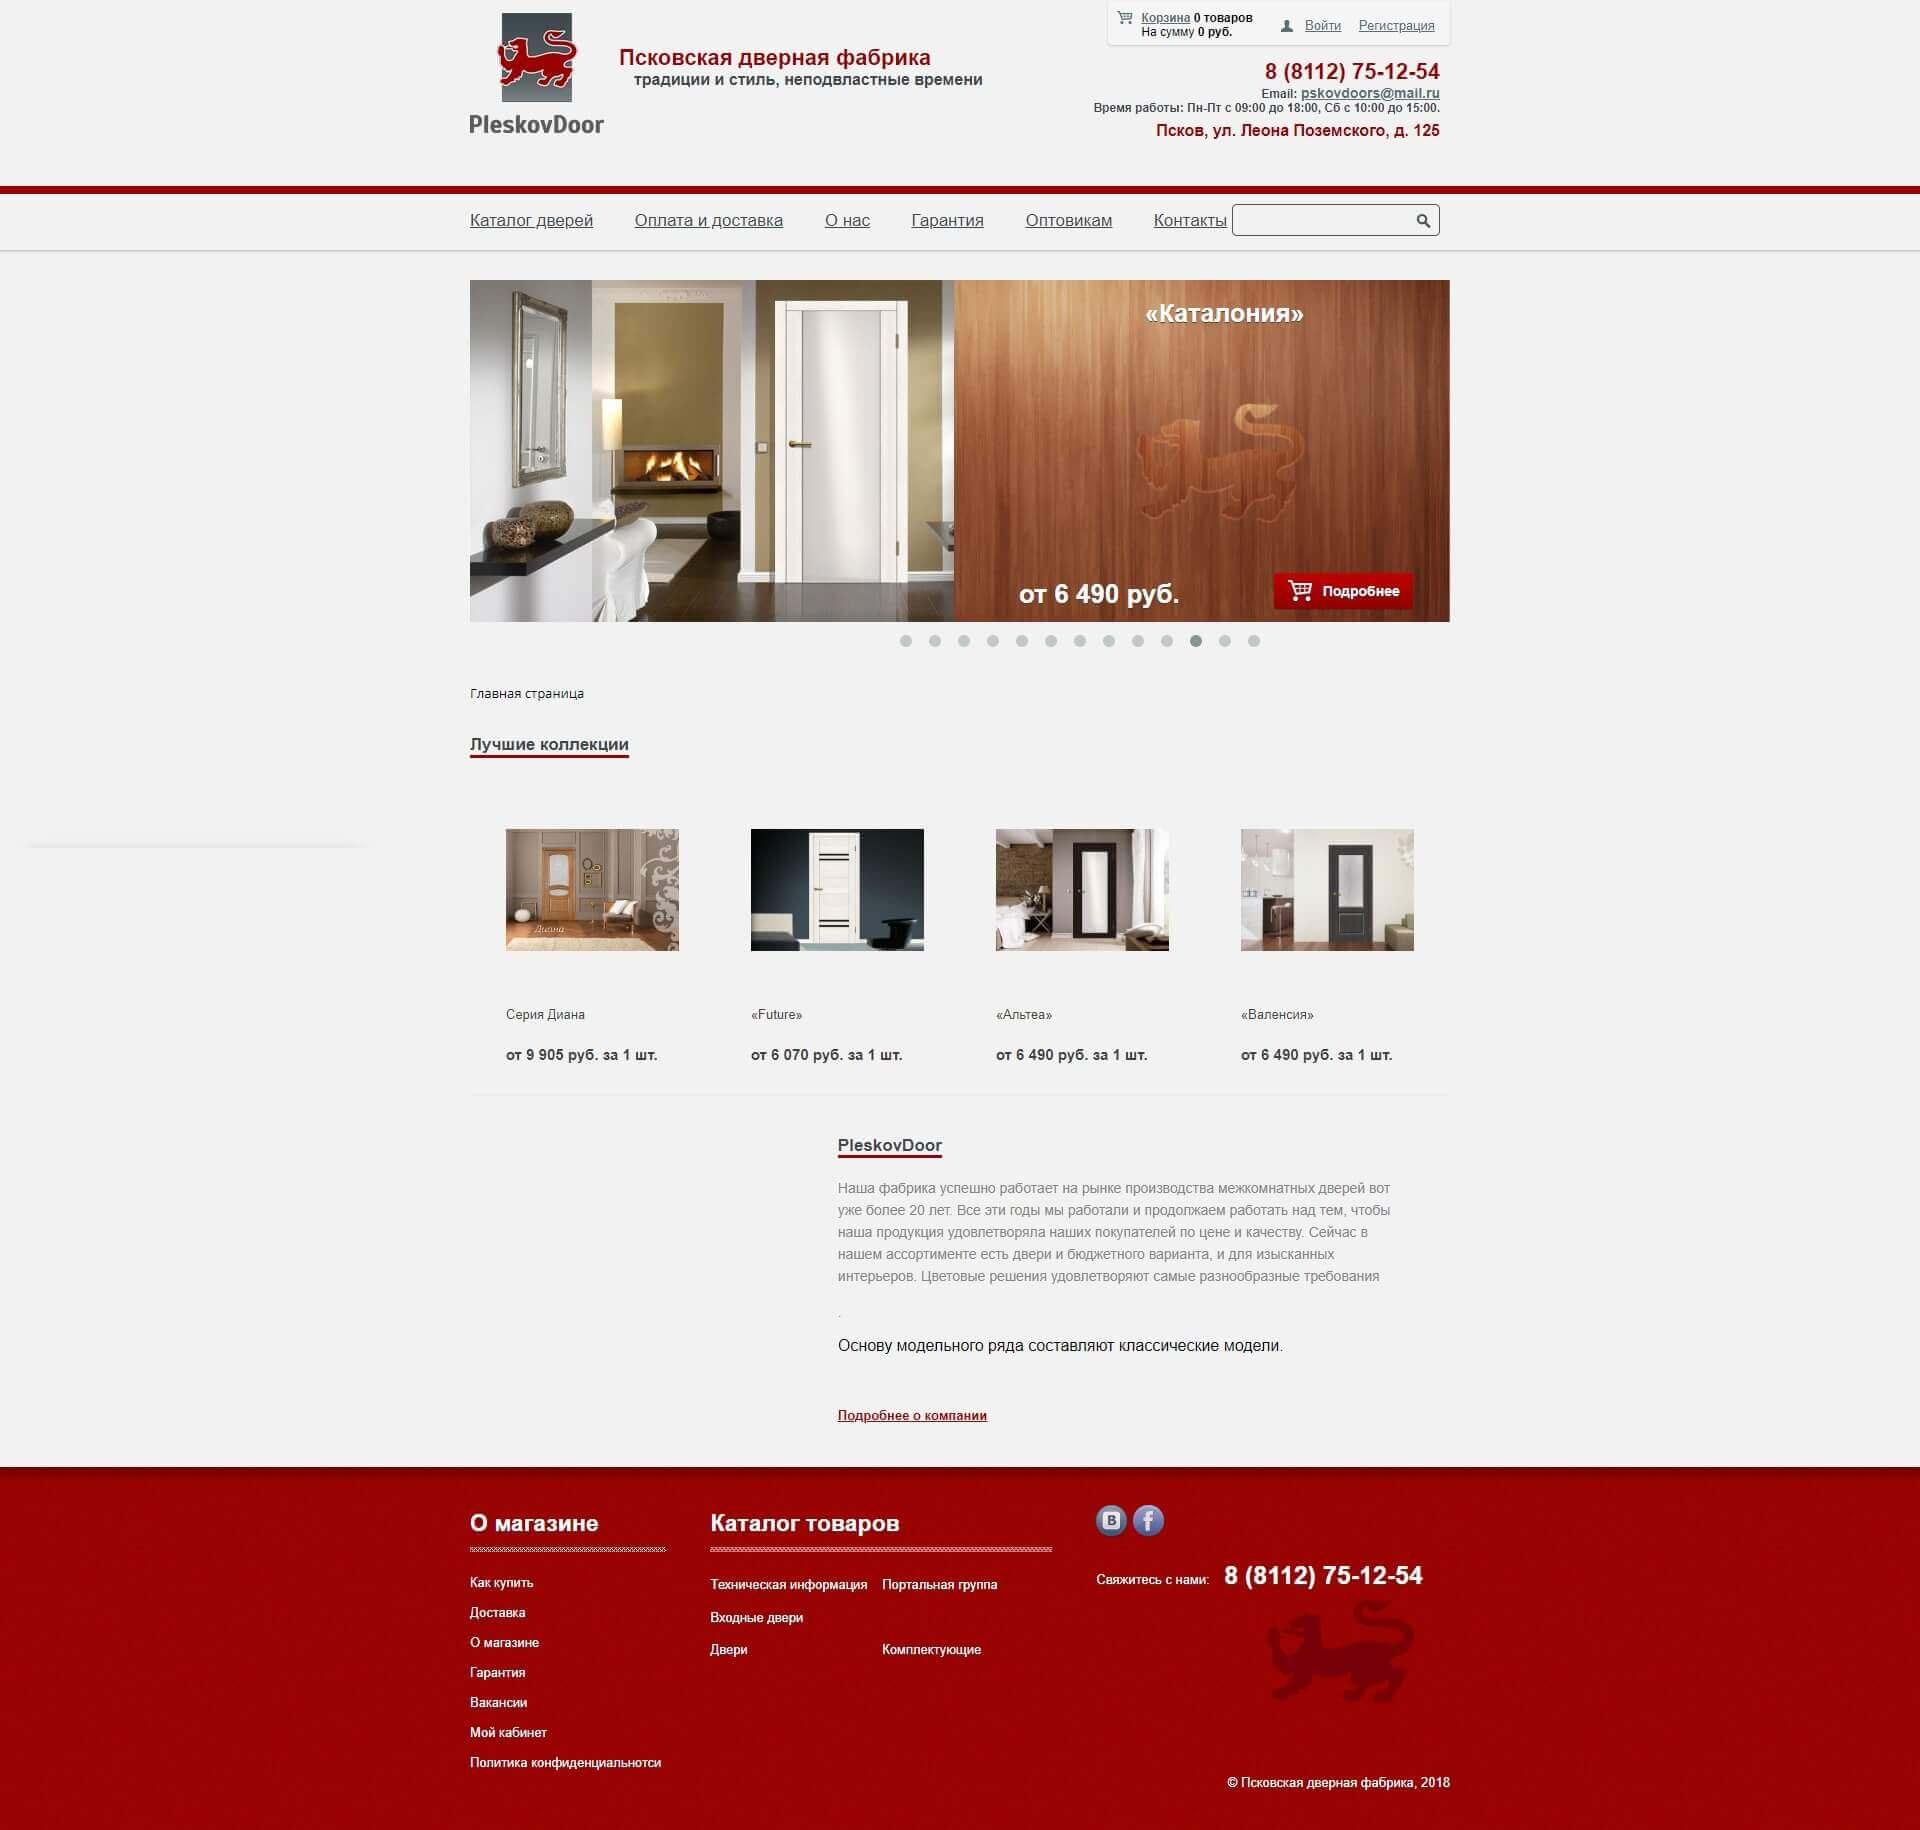 Интернет-магазин для Псковской дверной фабрики 1